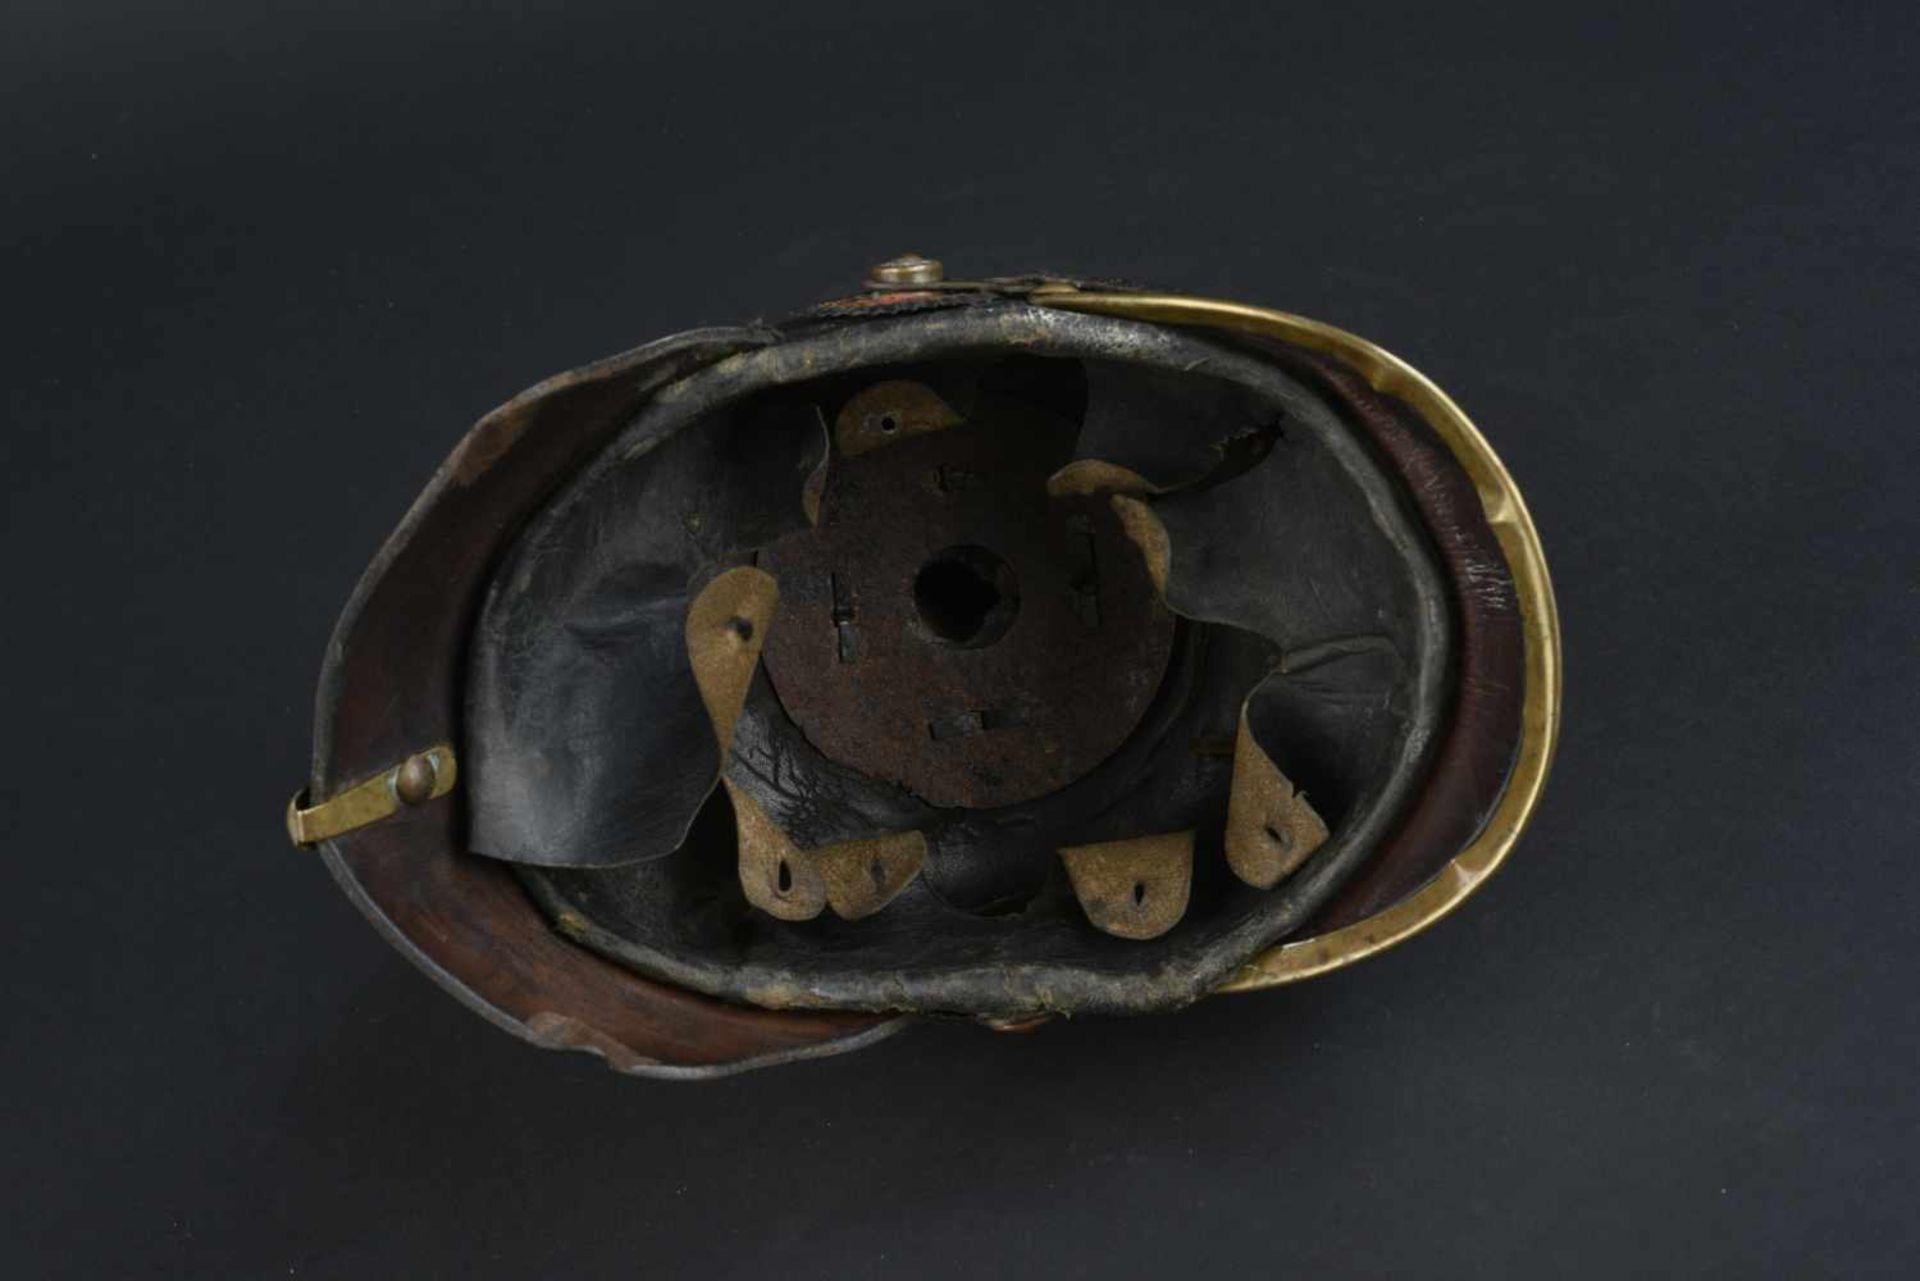 Casque badois 1895 Bombe en cuir, légèrement craquelée. Plaque badoise d origine. Bonnes cocardes. - Bild 4 aus 4